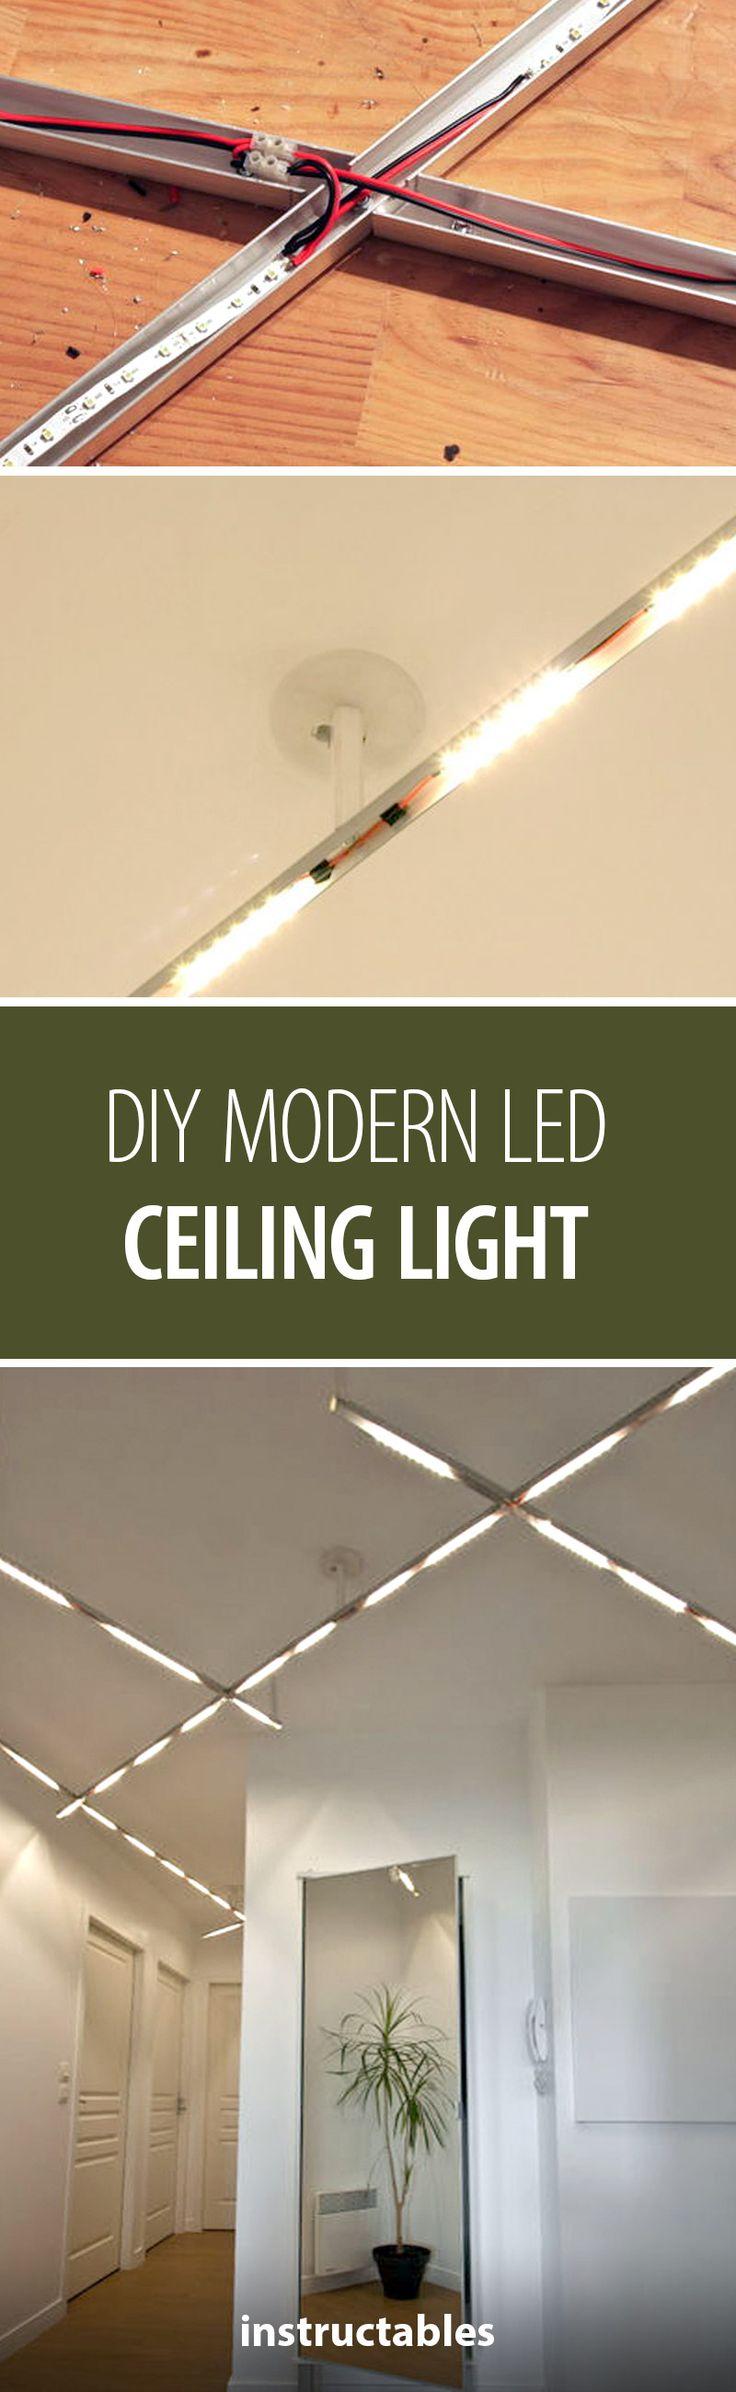 DIY Modern LED Ceiling Light